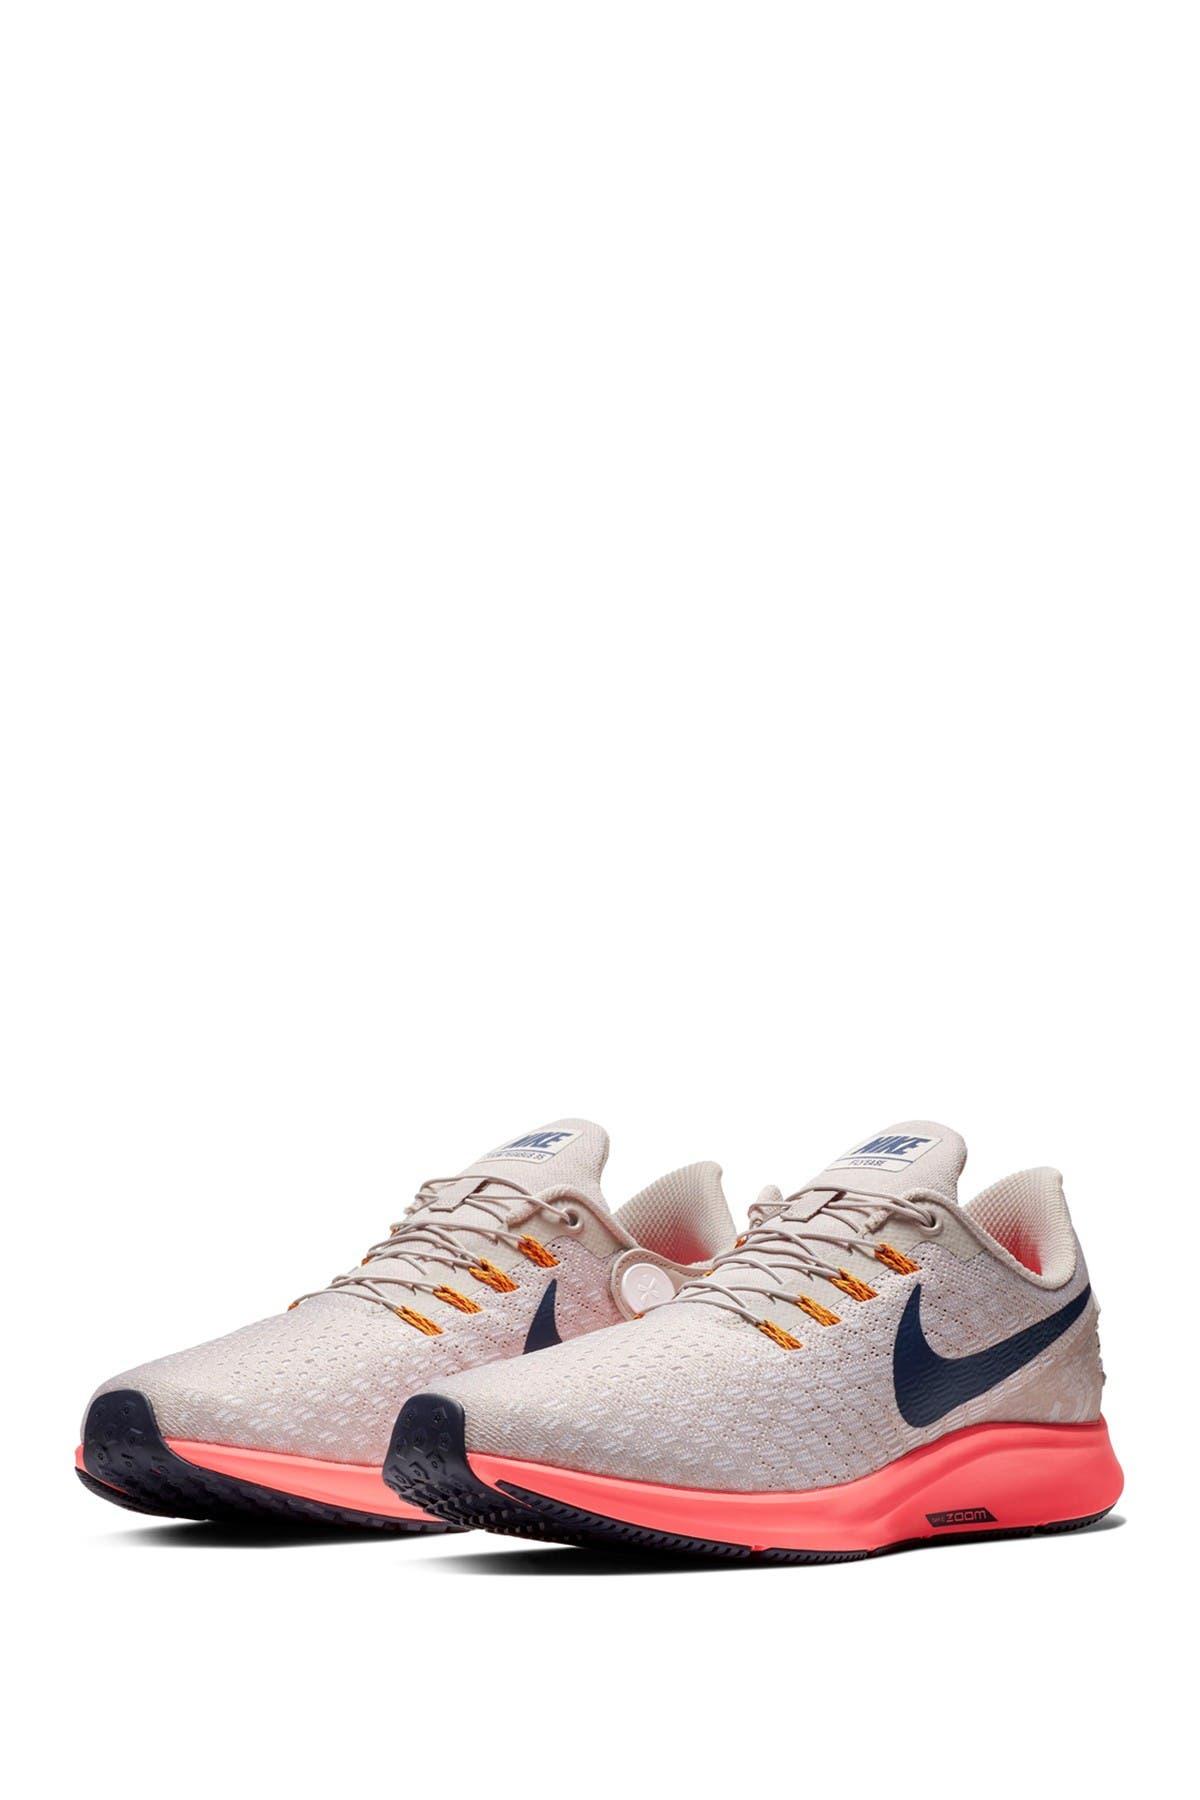 Nike | Air Zoom Pegasus 35 Fly Ease